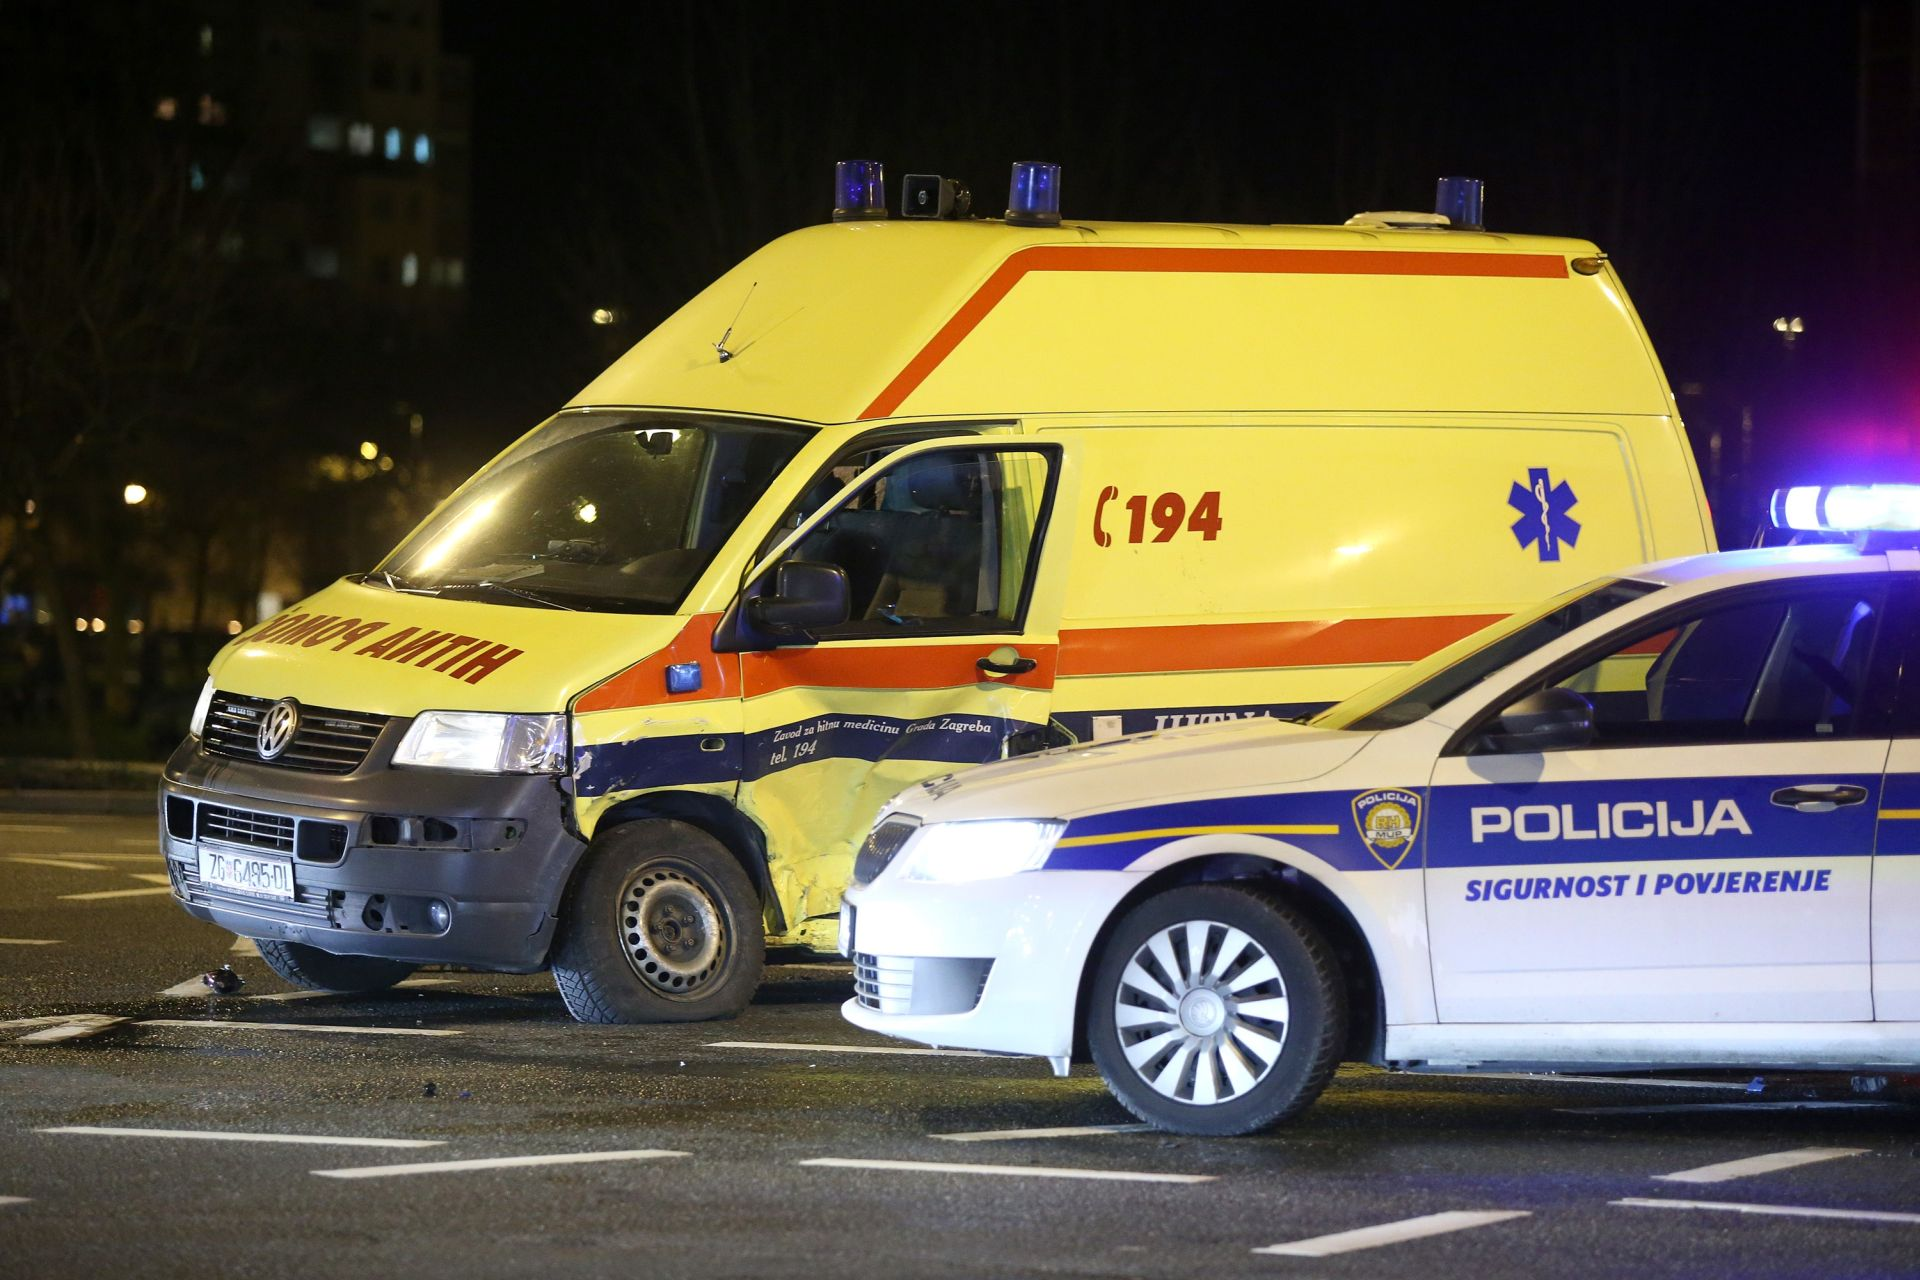 ZASEBNI SLUČAJEVI U Slavonskom Brodu pronađena dvojica mrtvih muškaraca, policija sumnja u nasilnu smrt